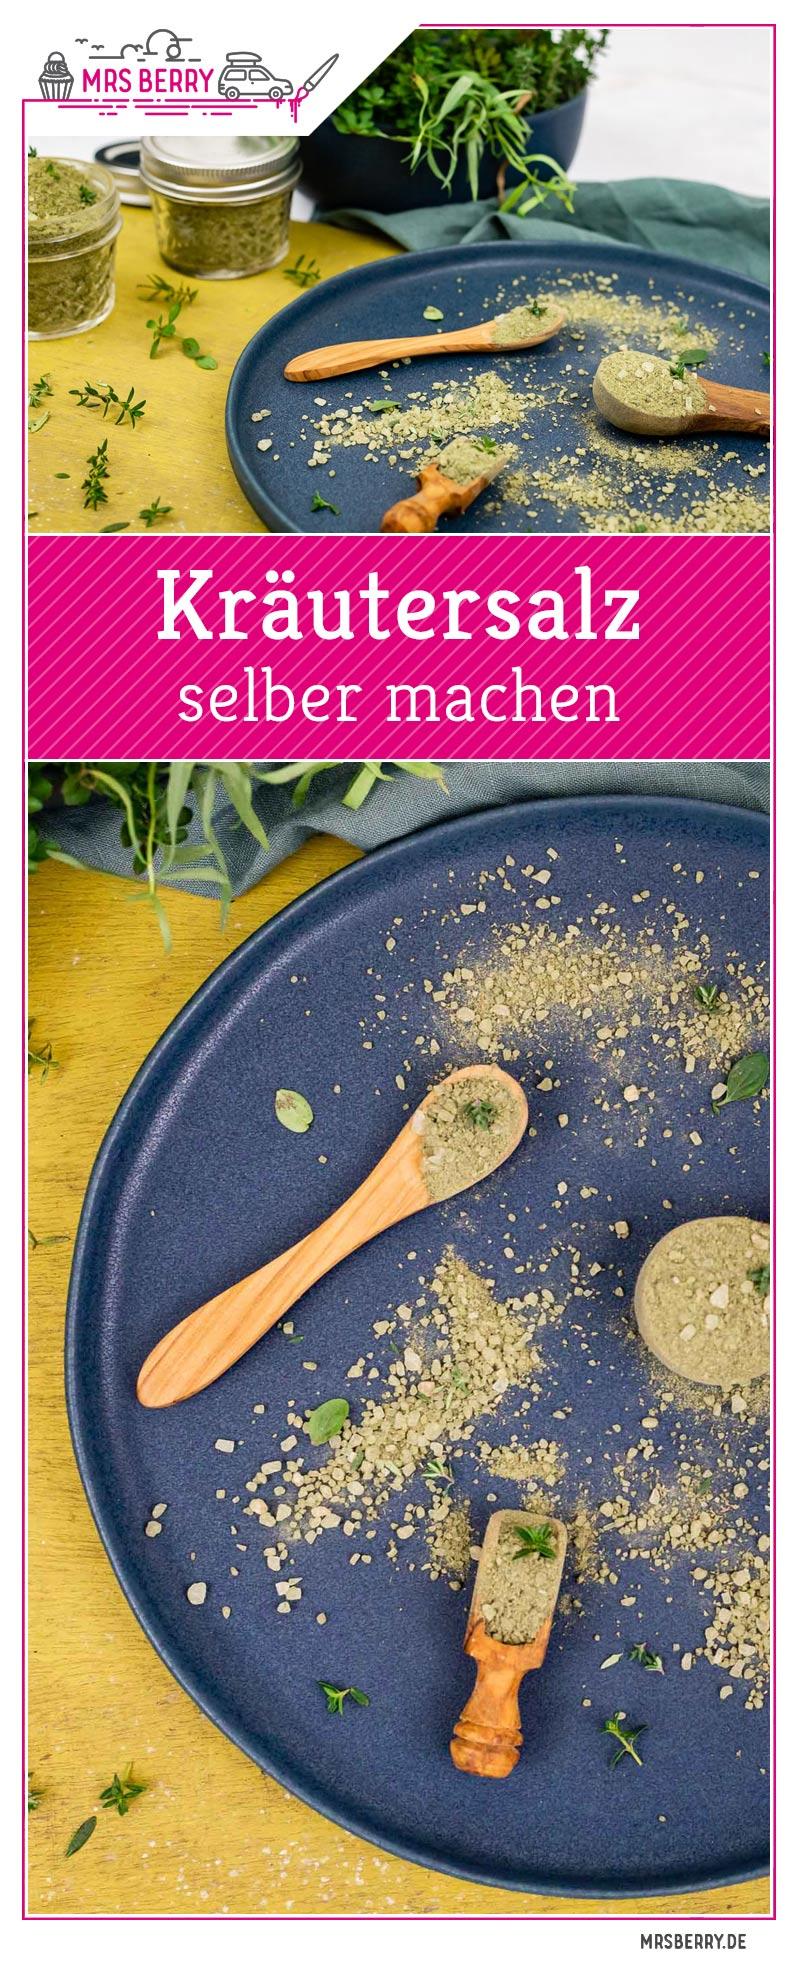 Kräutersalz, Gewürzsalz, Blütensalz - 3 Geschenkideen aus der Küche ...